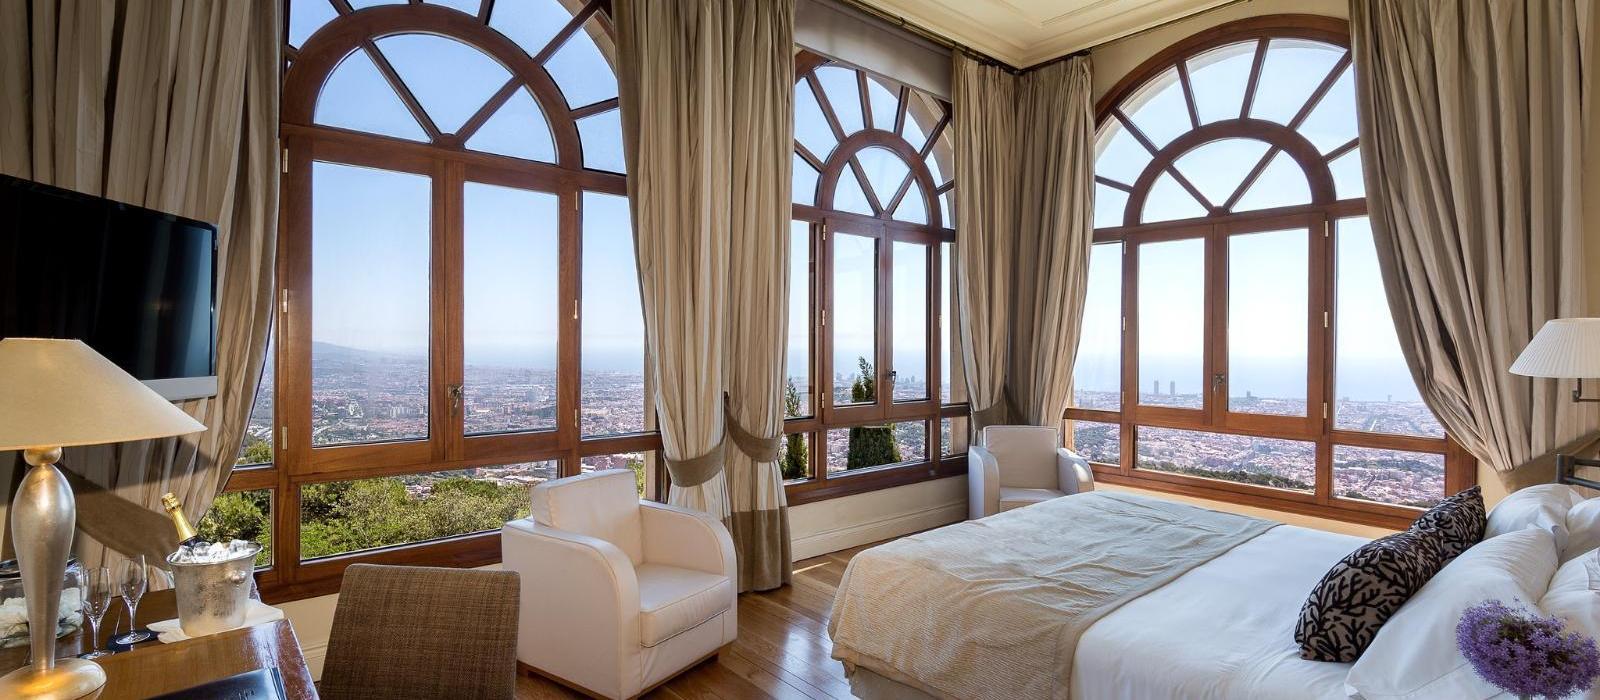 佛罗里达大酒店(Gran Hotel La Florida) 图片  www.lhw.cn